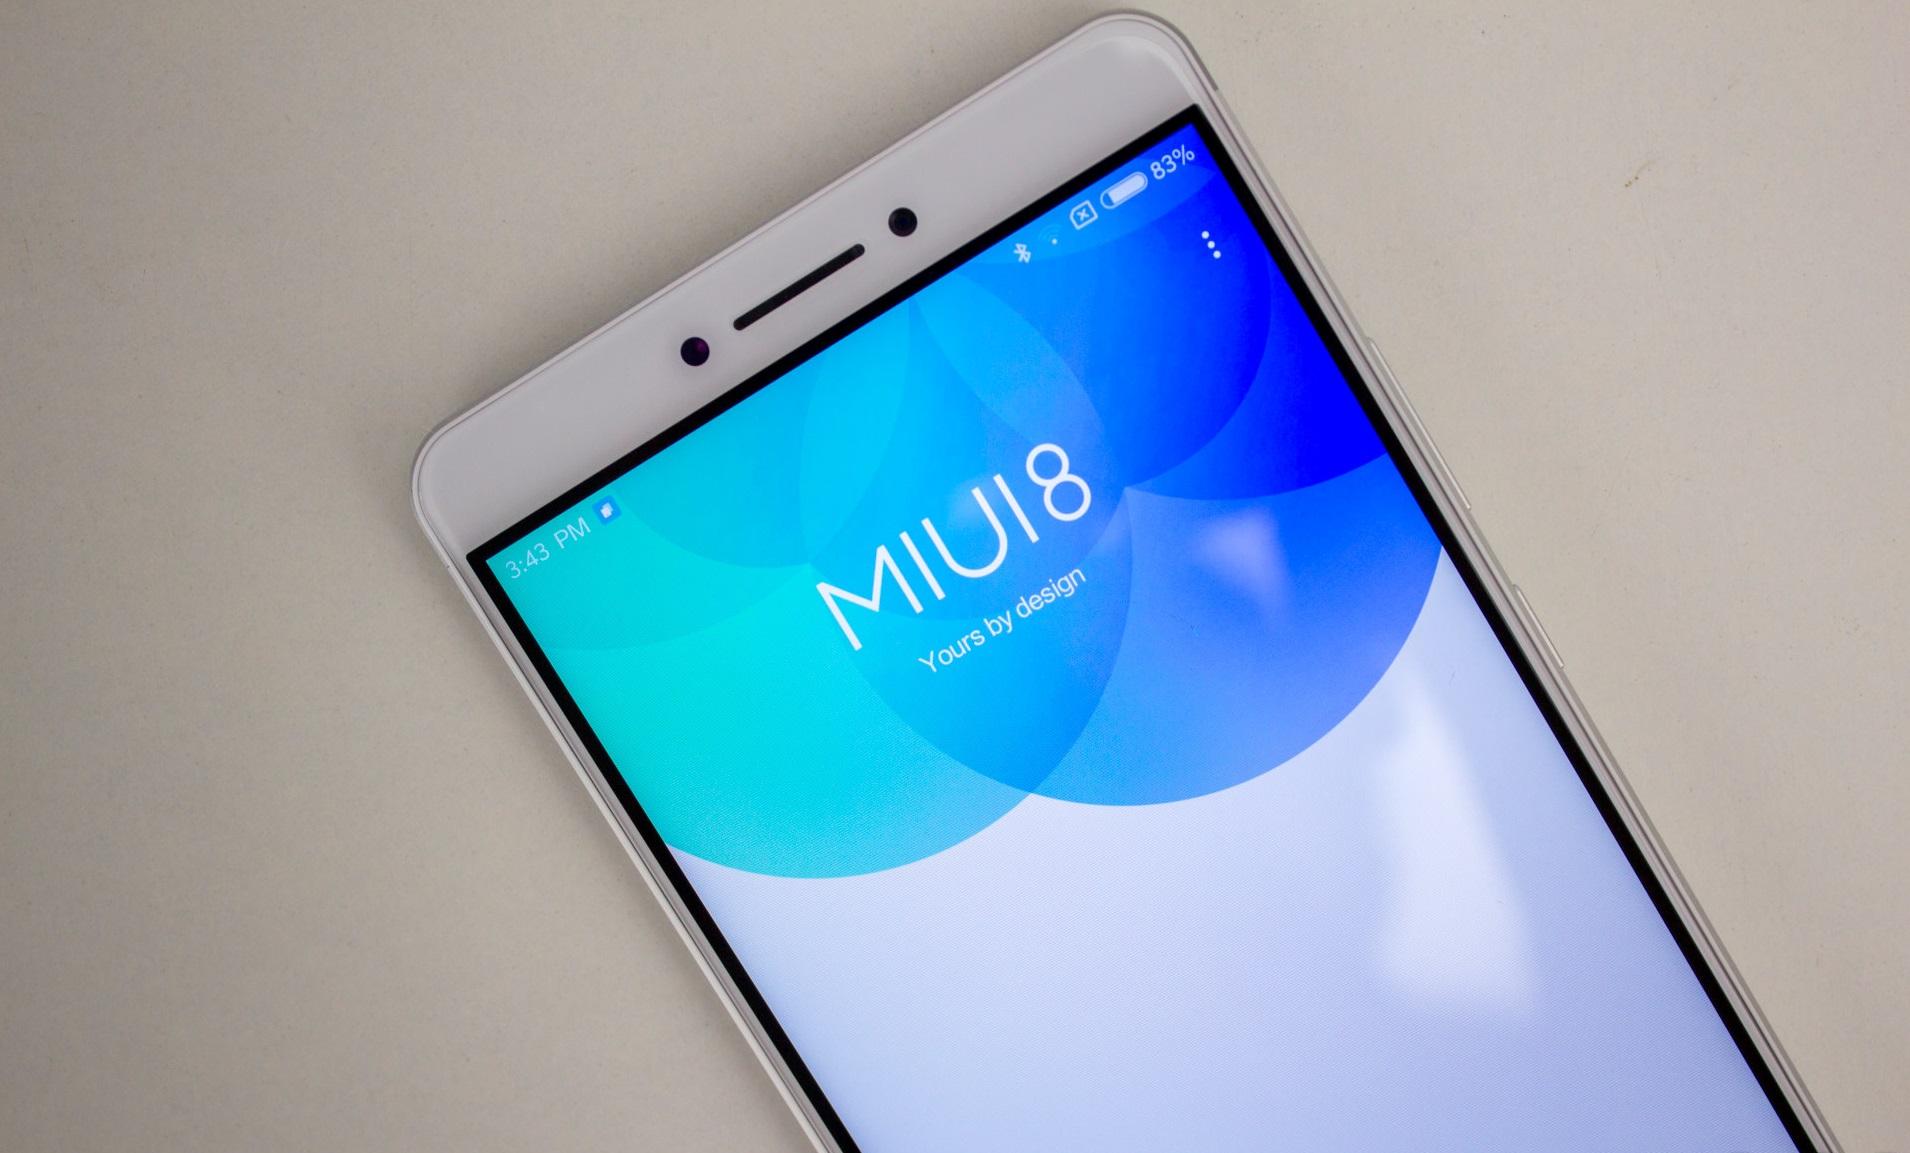 Xiaomi Mi Max AH NS miui 8